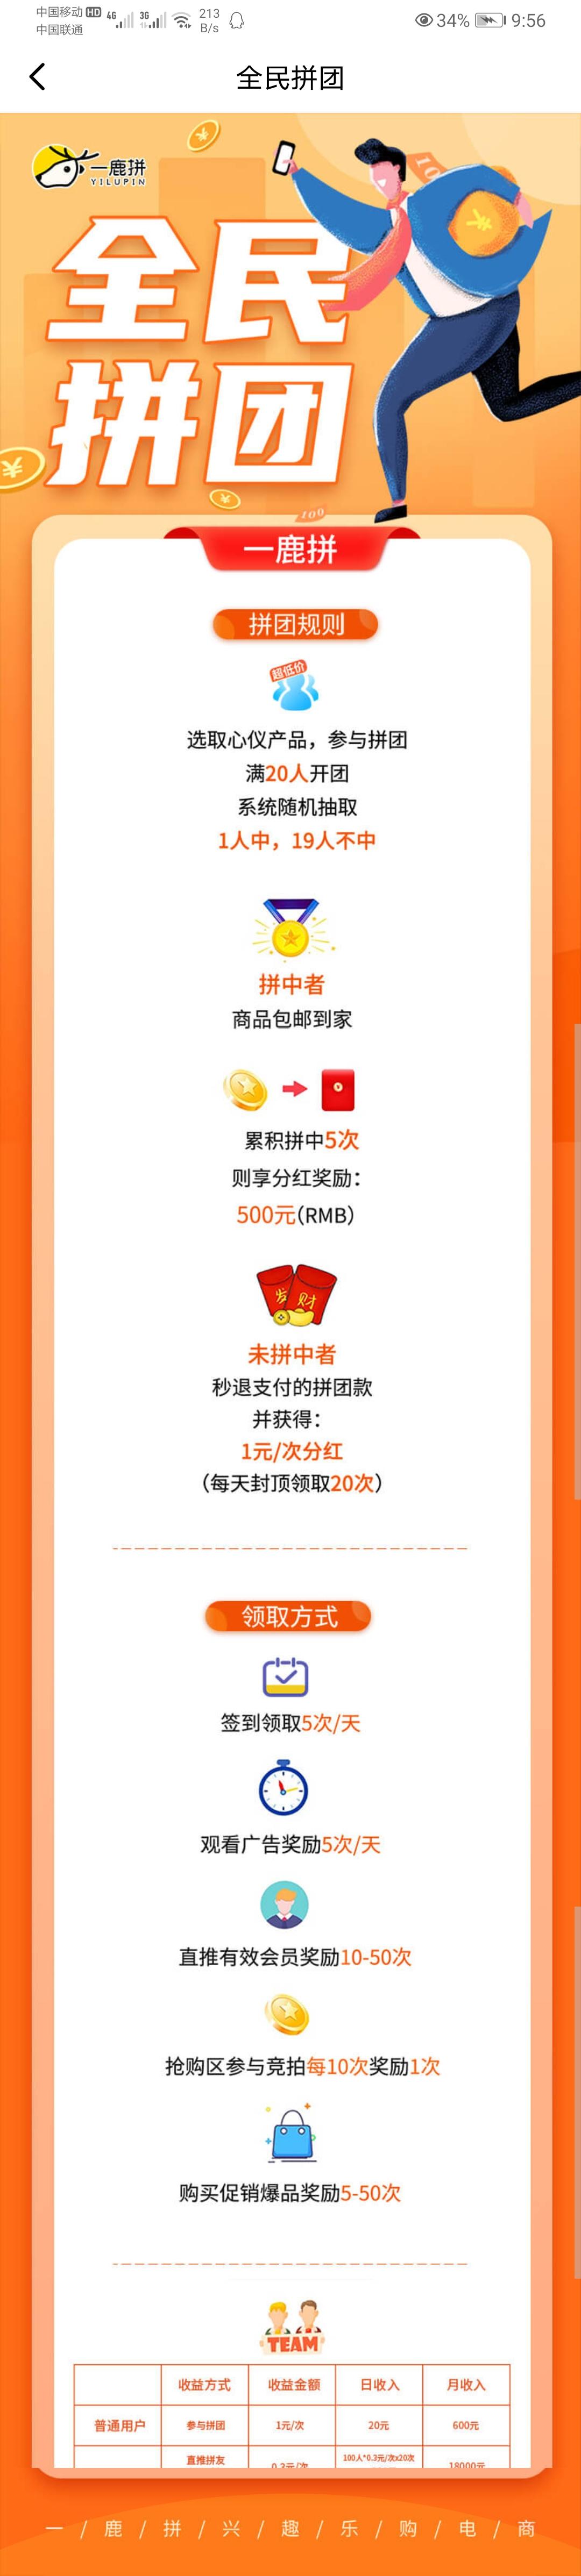 Screenshot_20210619_095654_cn.com.yilupin